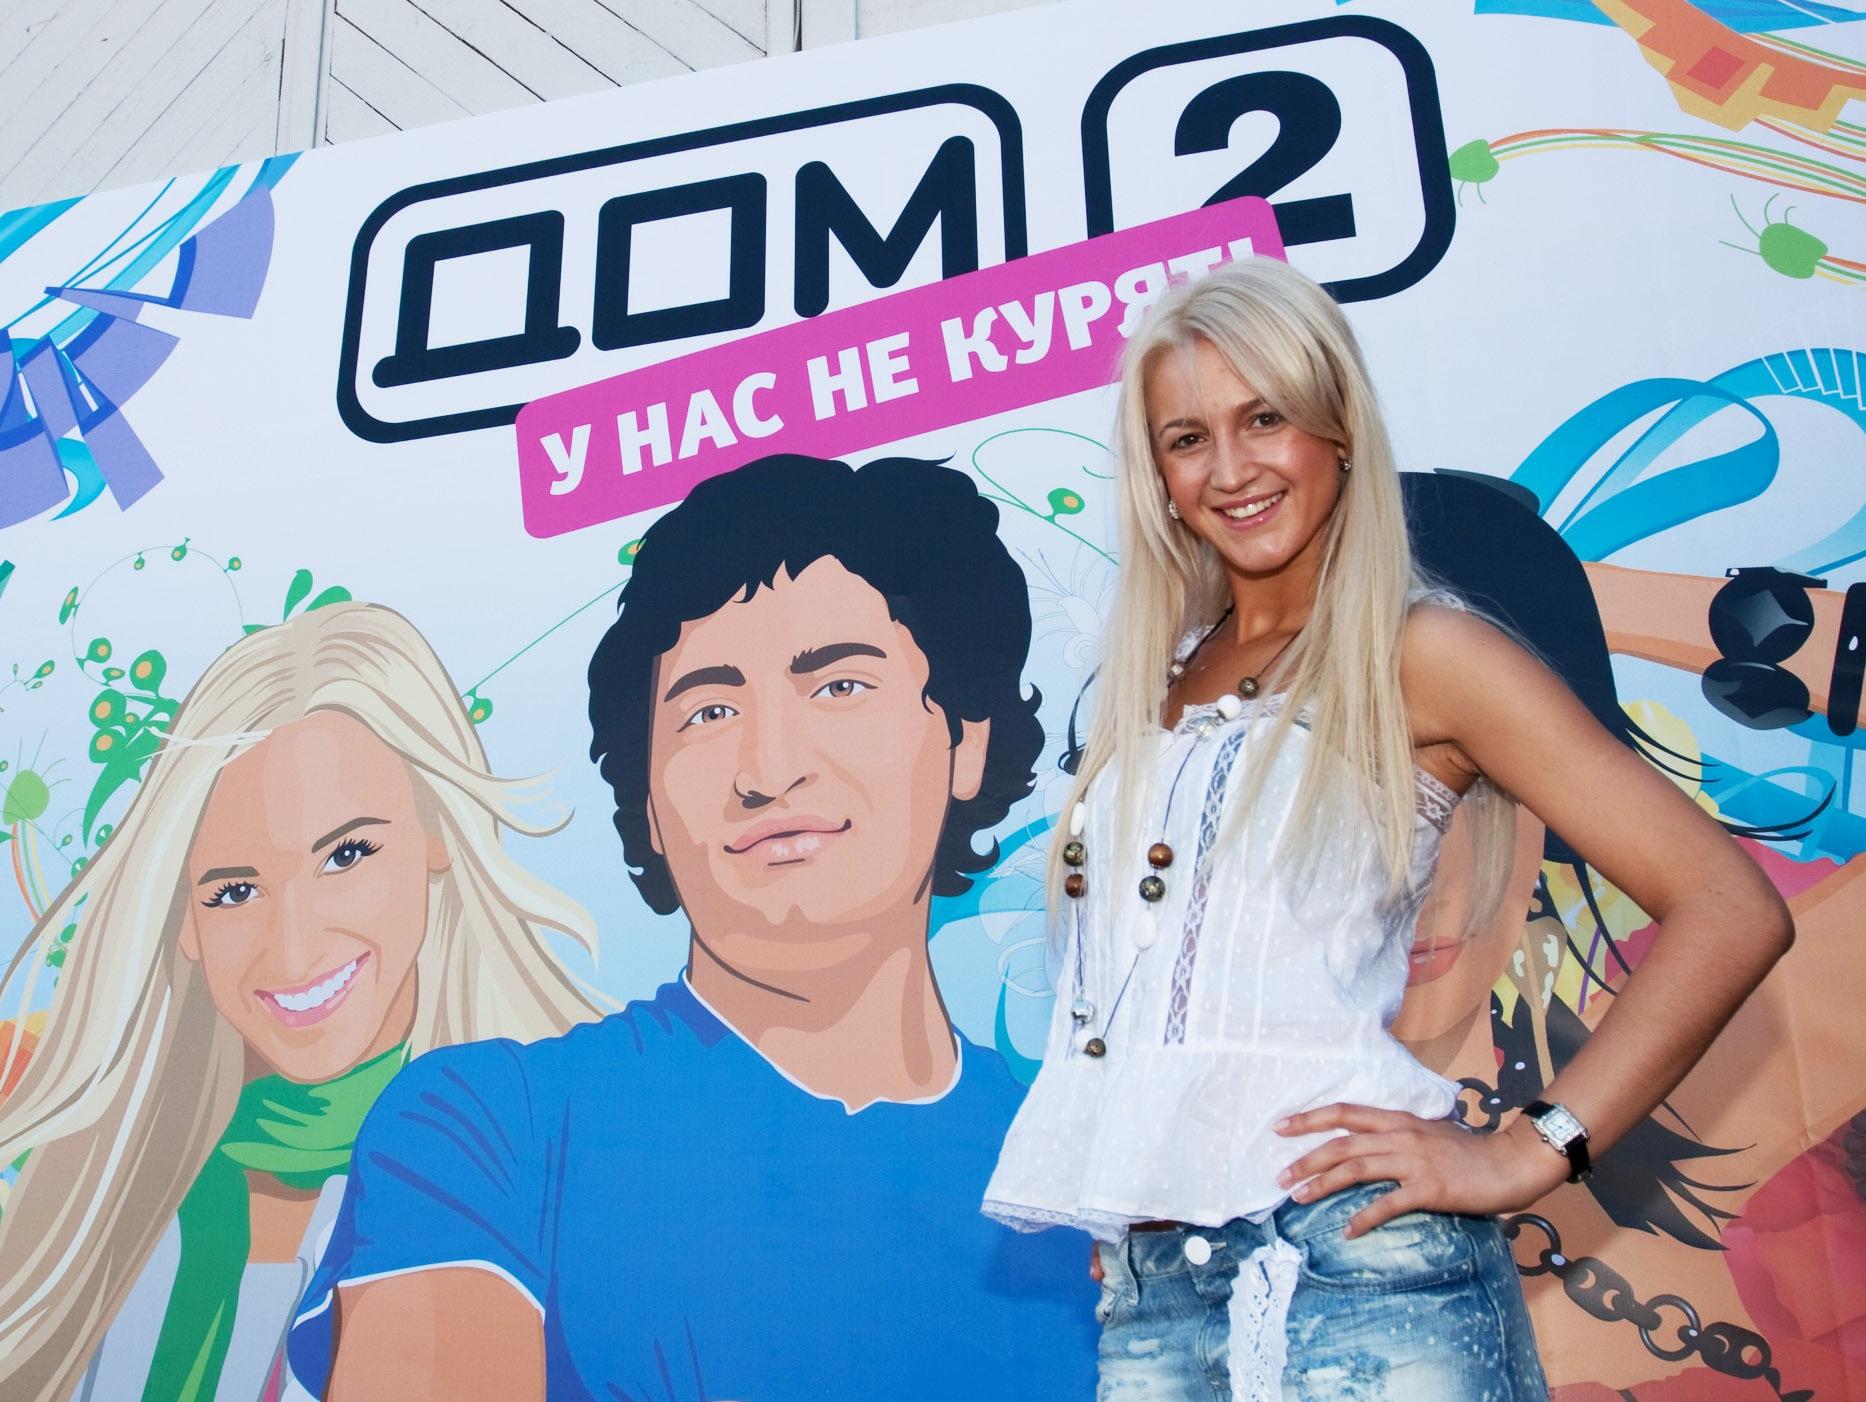 Дом - 2 запретили показывать по ТВ ...: creatiffteam.ucoz.hu/blog/kanal_dom_2_besplatnoe_tv_onlajn_internet...